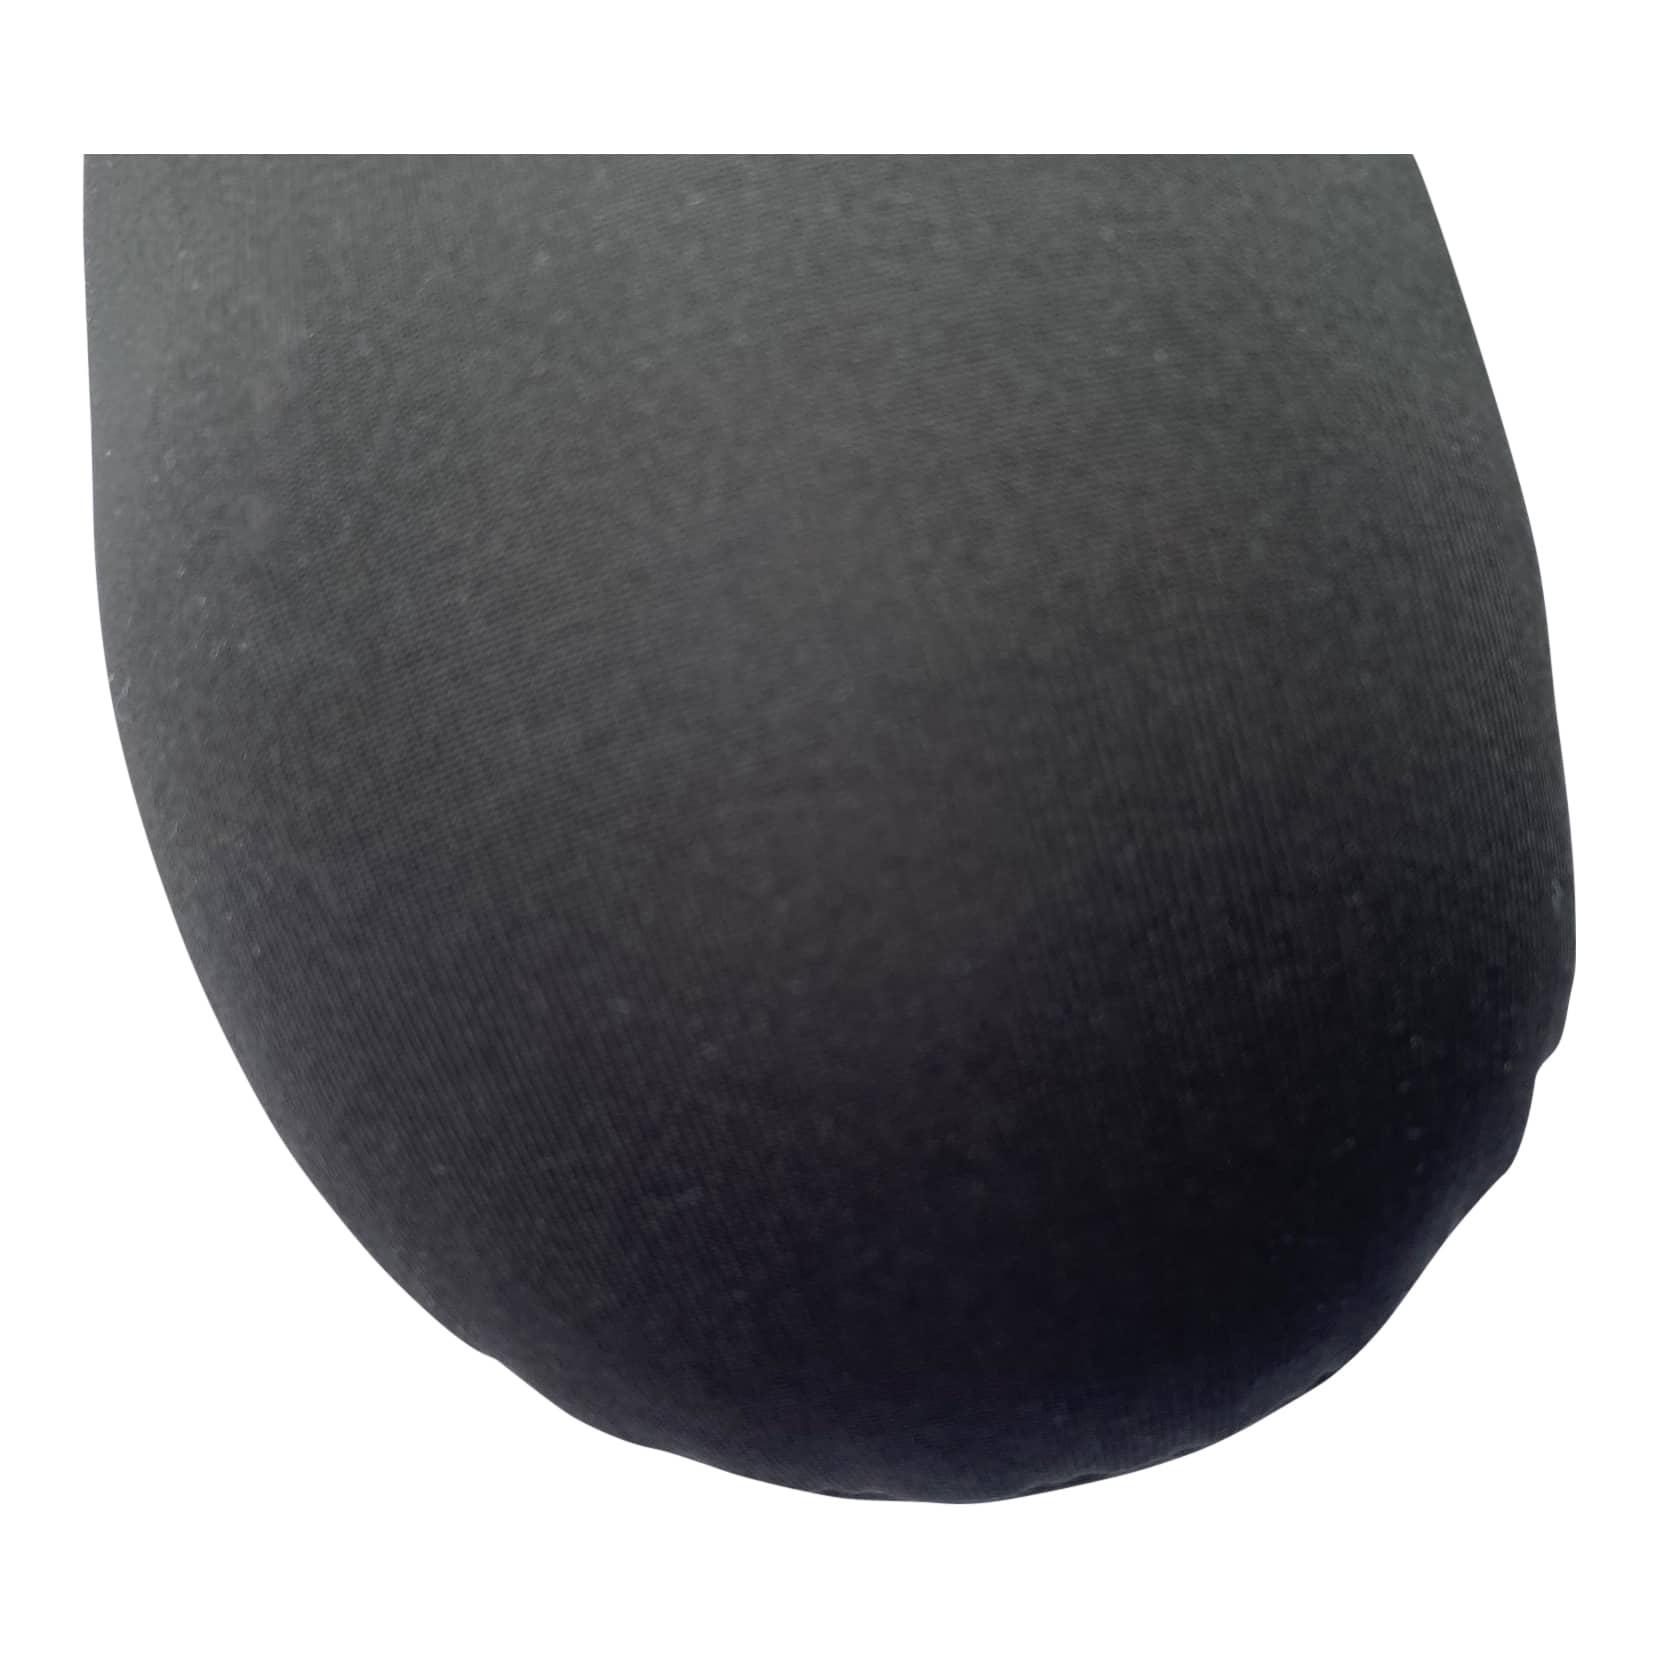 4Goodz comfortabel ergonomische reis nekkussen - Zwart